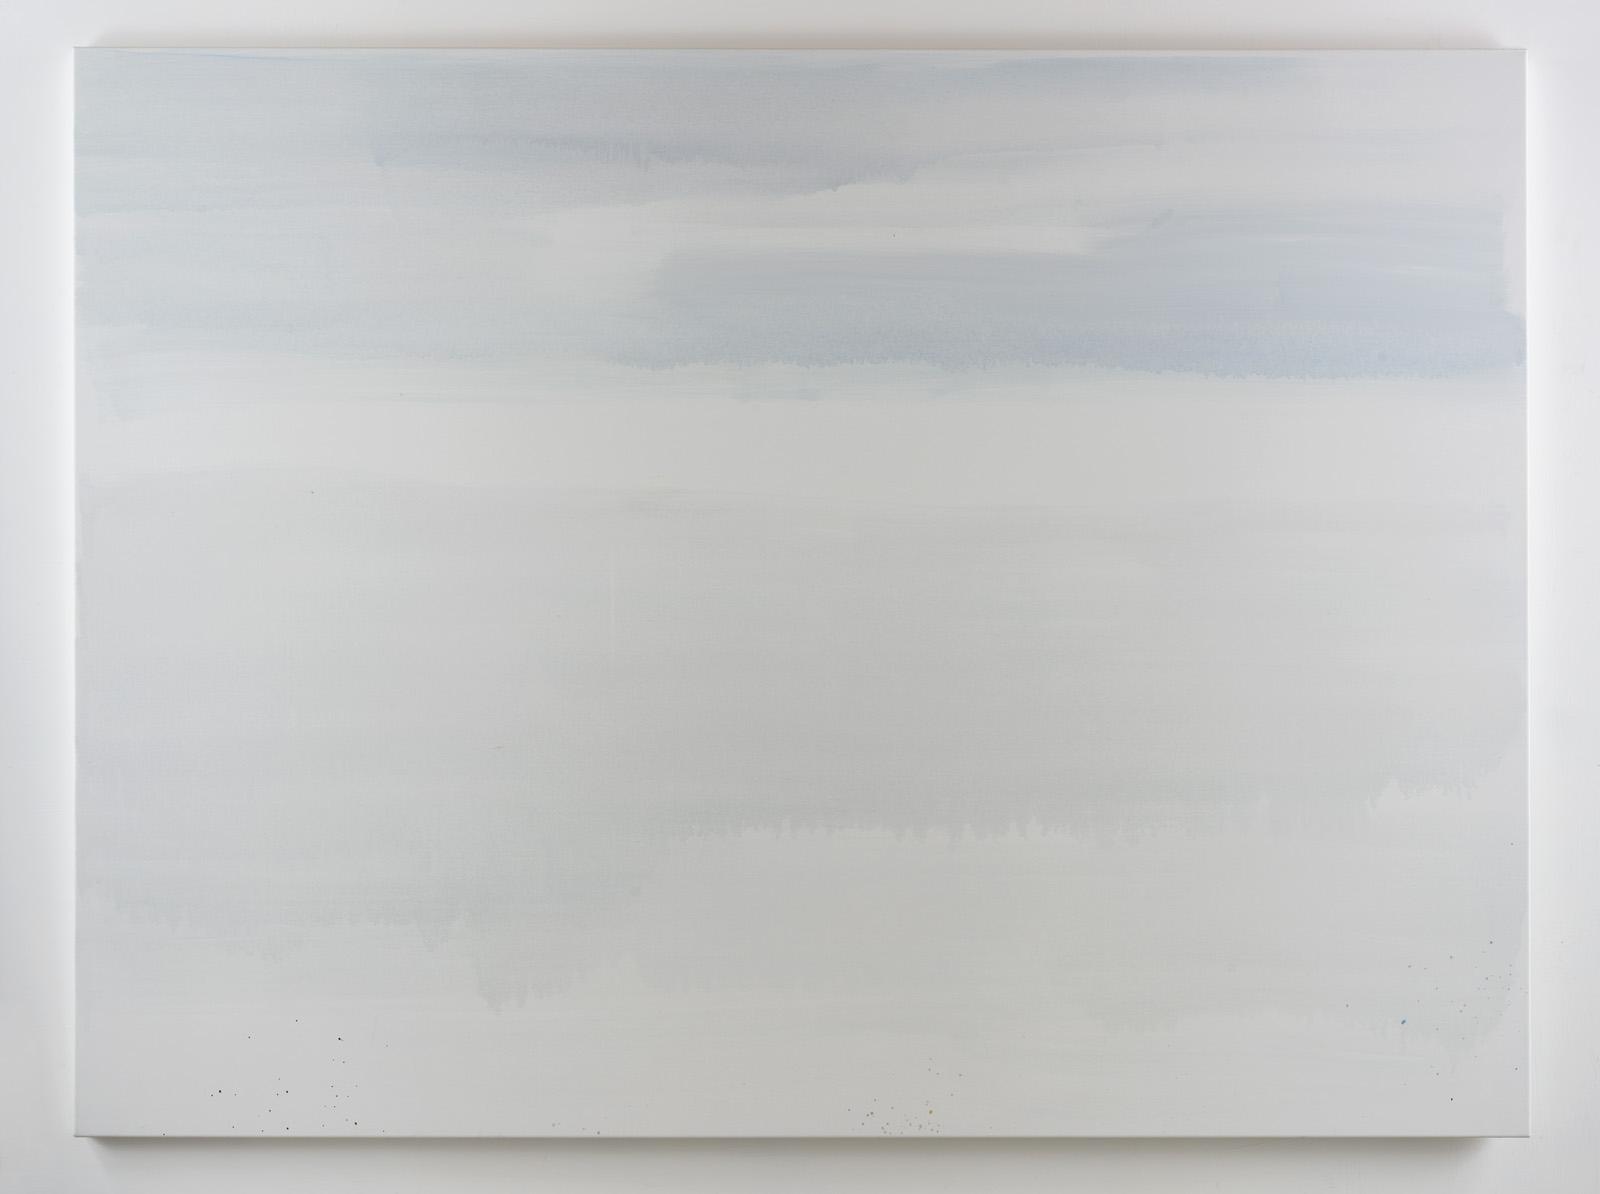 Grief, 180cm x 240cm, Oil on canvas, 2015